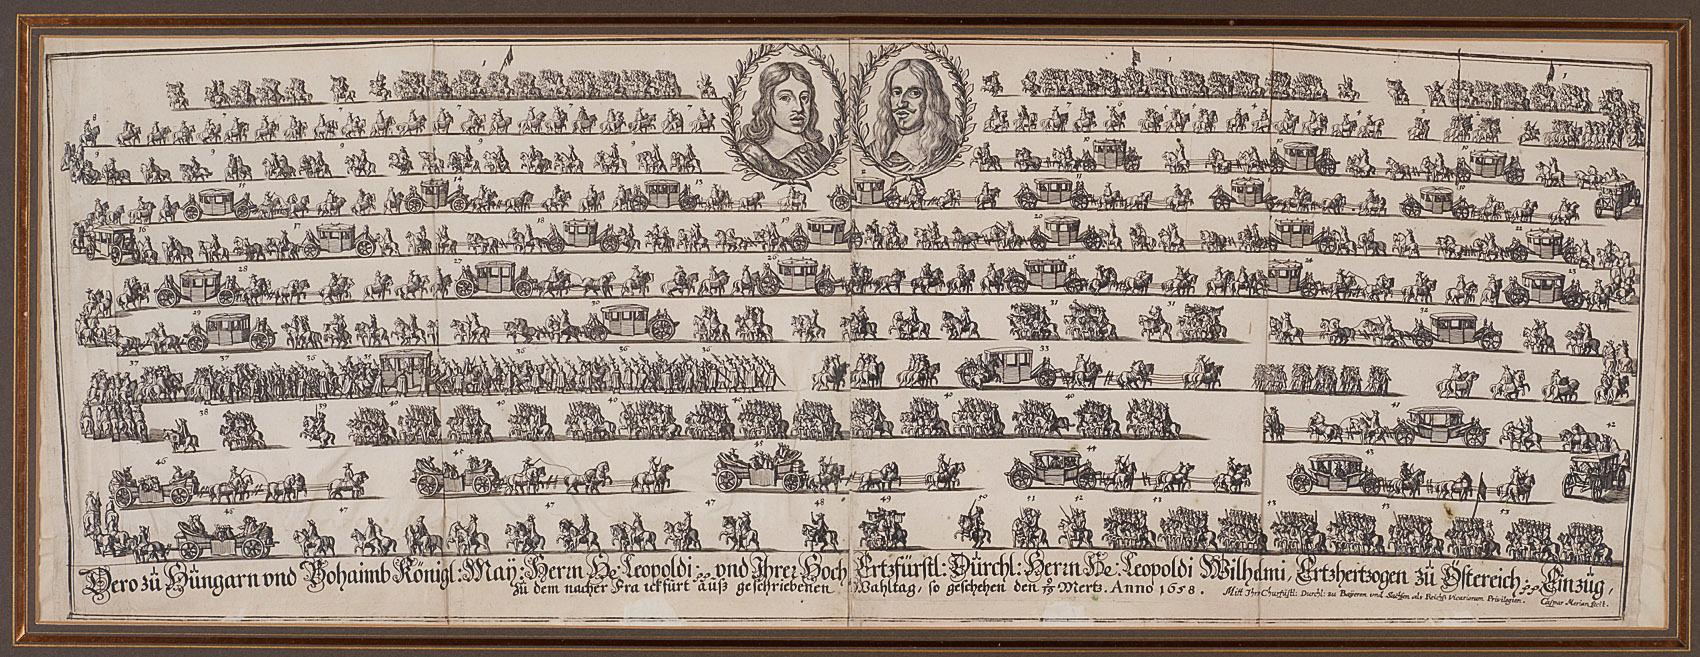 Einzug von Leopold I. und Erzherzog Leopold Wilhelm in Frankfurt im März 1658  von Caspar Merian